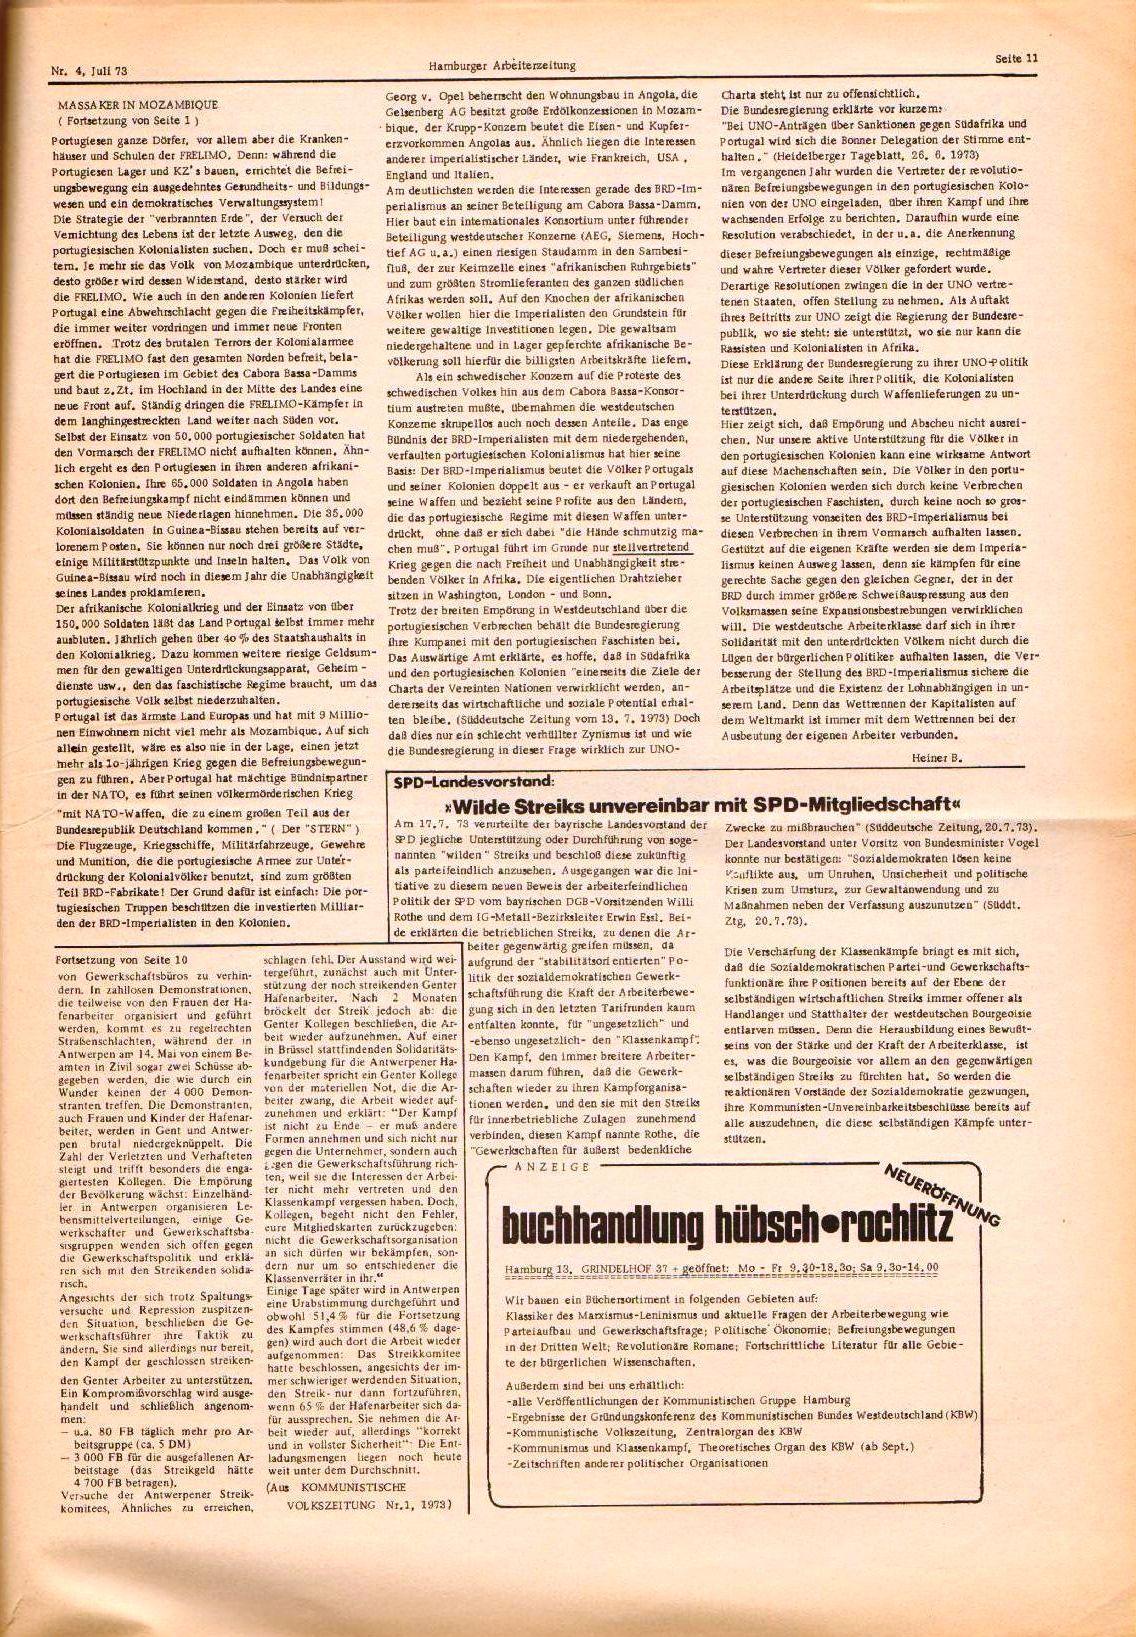 Hamburger_Arbeiterzeitung075